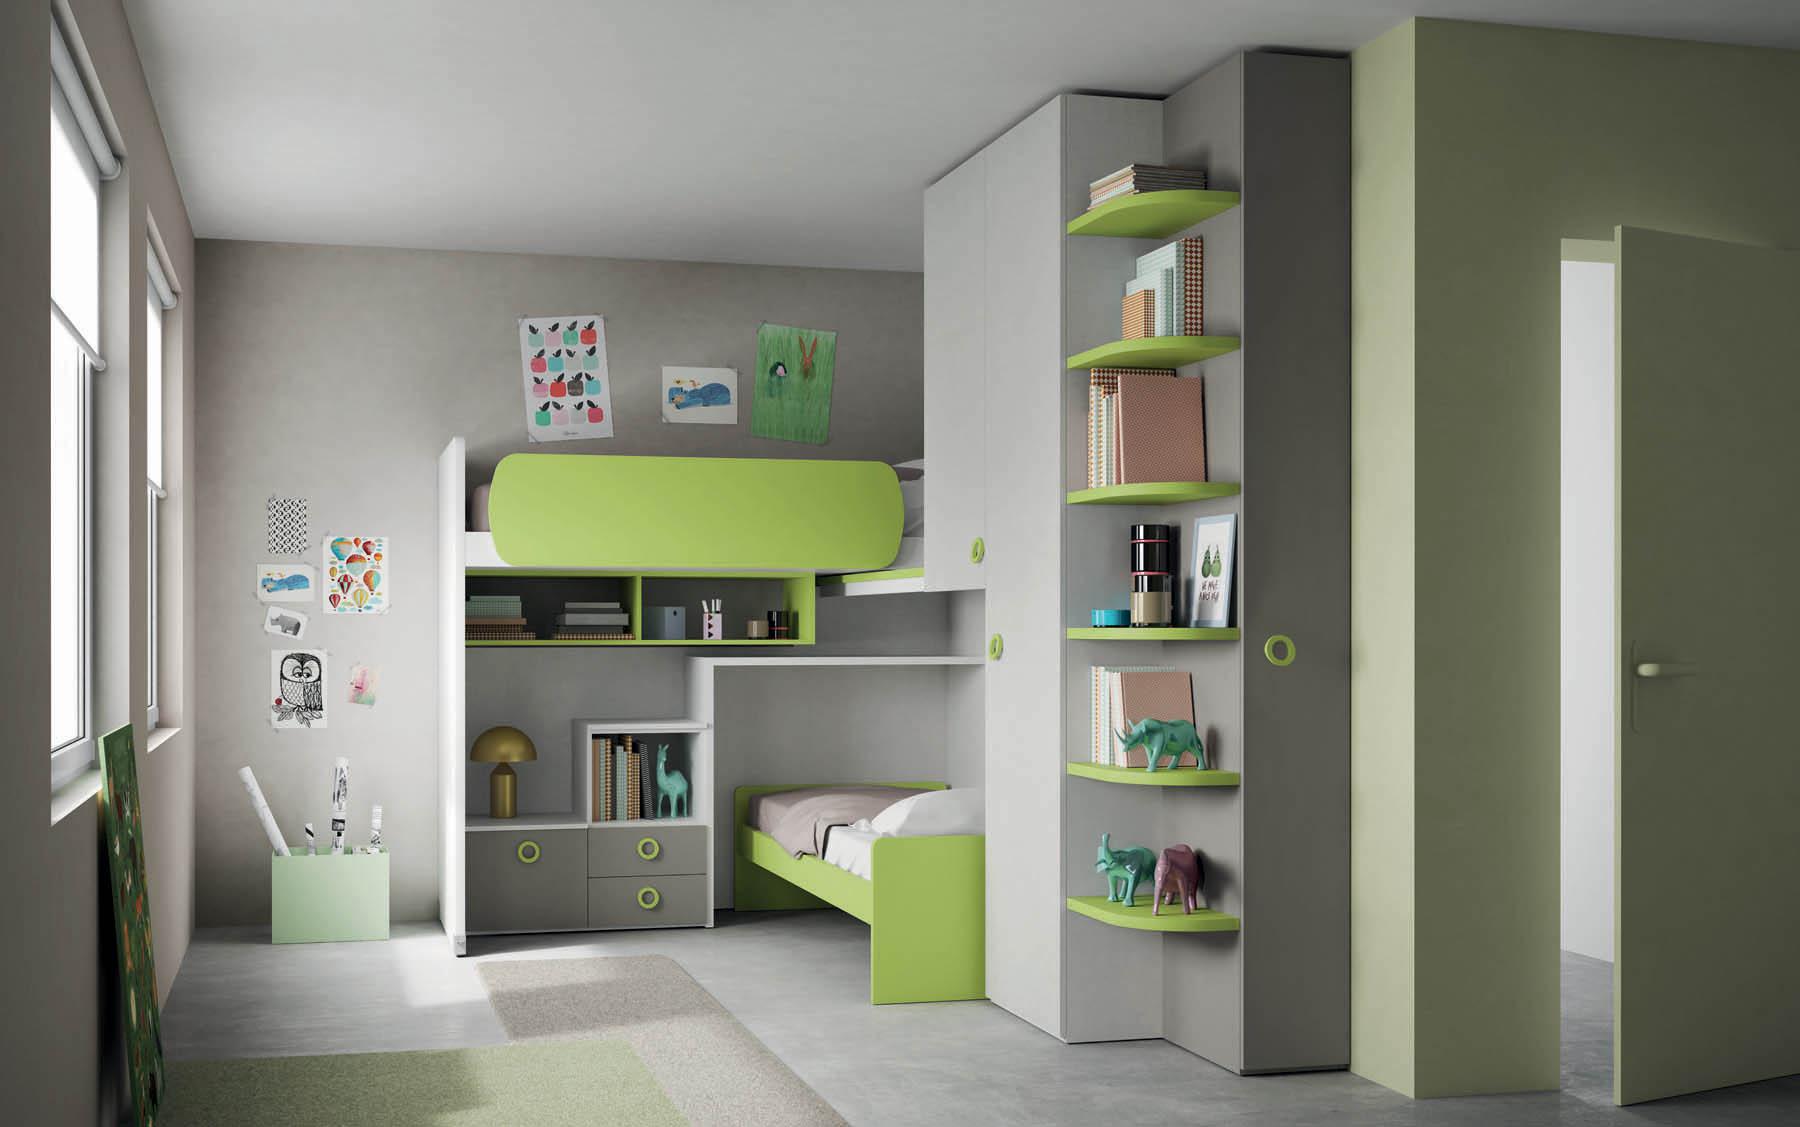 Camerette per bambini soluzioni salvaspazio camera for Soluzioni arredo salvaspazio